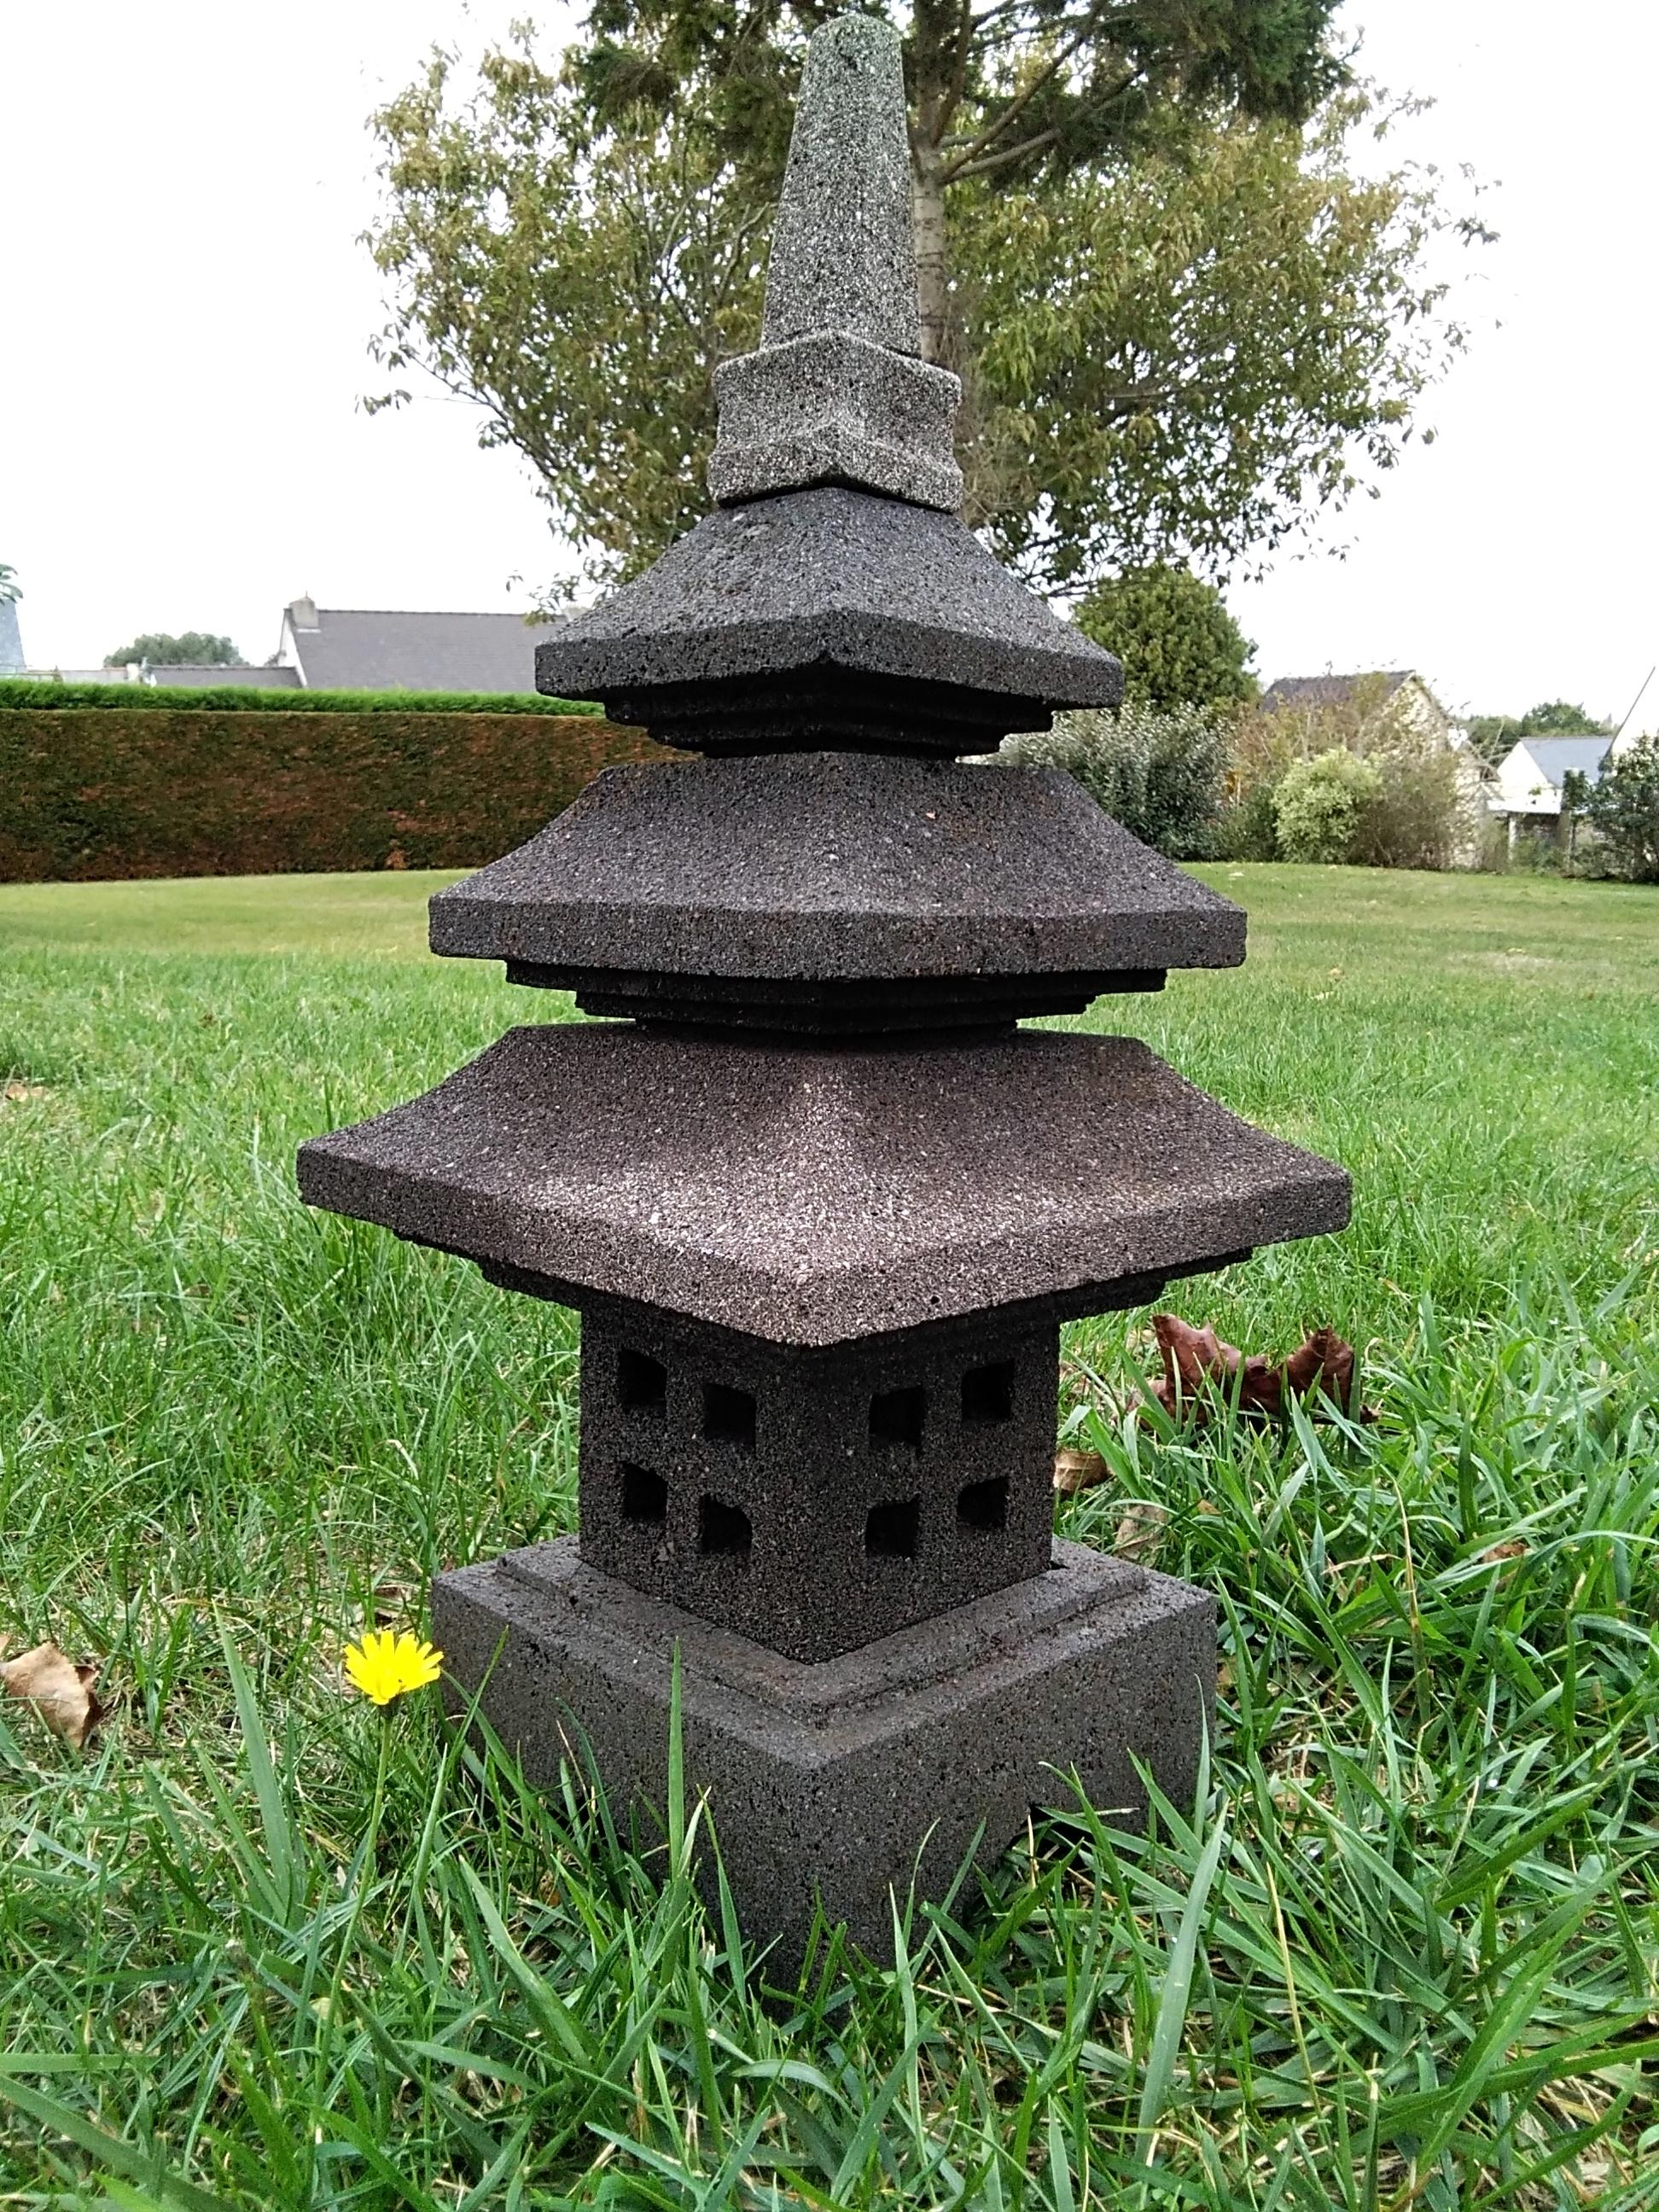 Lanterne jardin asiatique vente grand choix de statues - Lanterne zen jardin ...